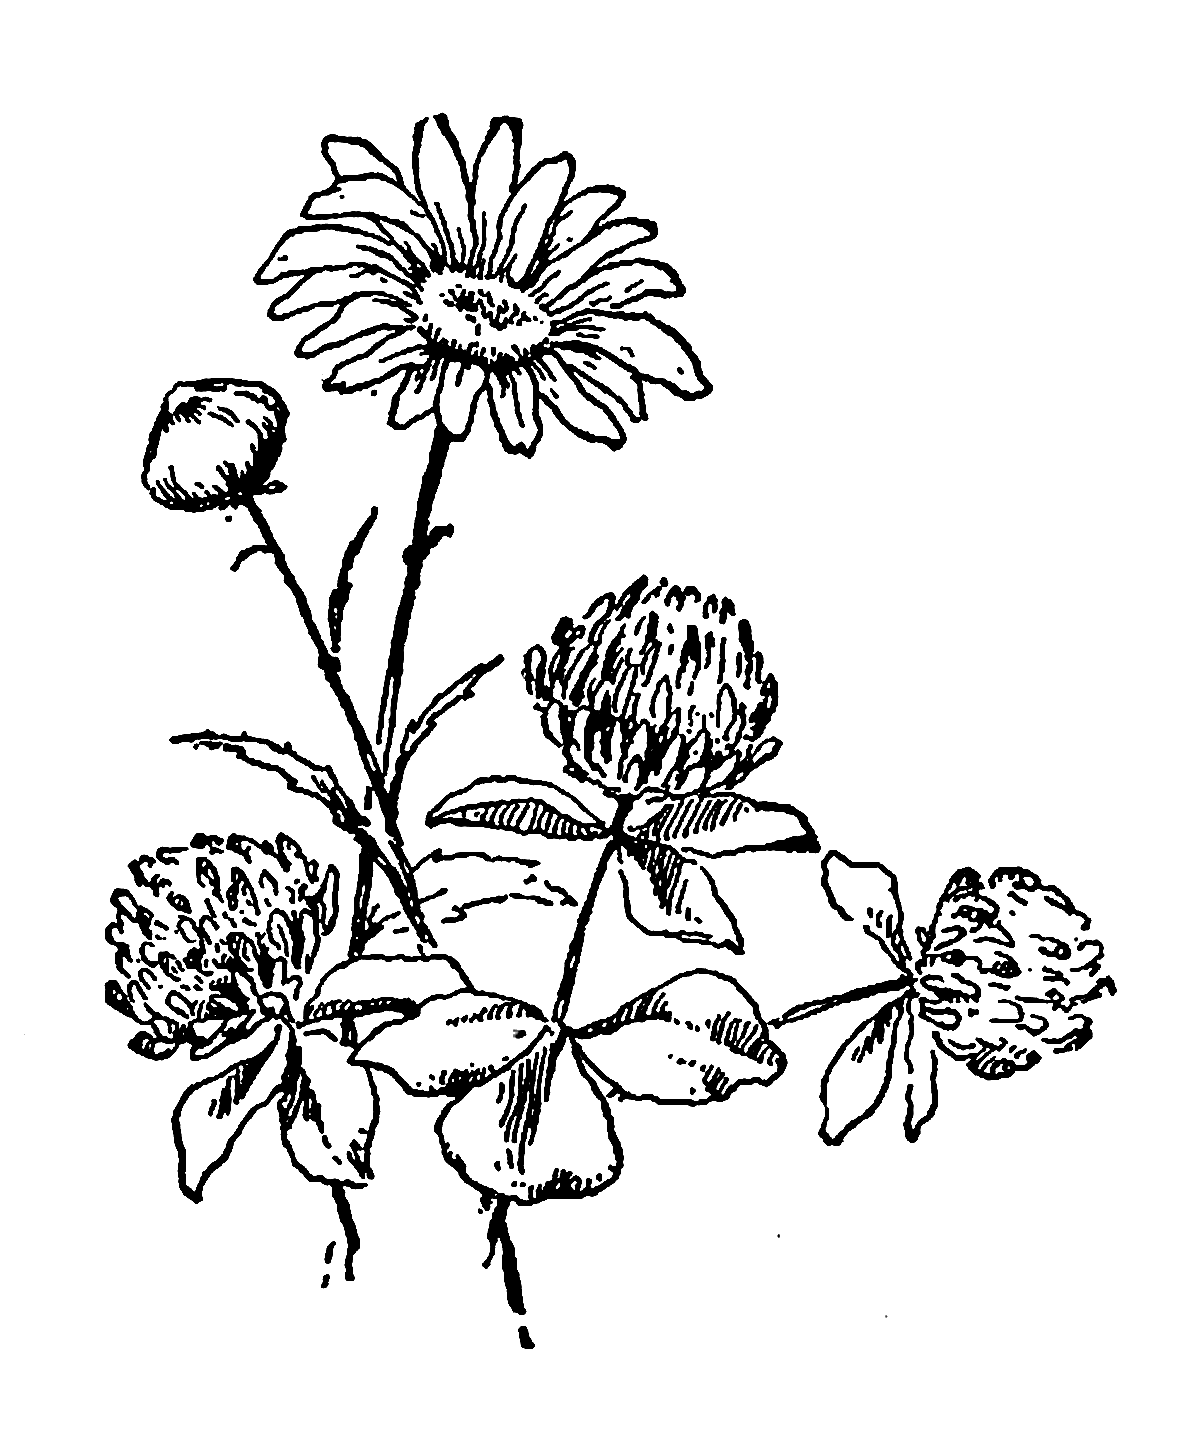 Black Clover 5 Leaf Clover